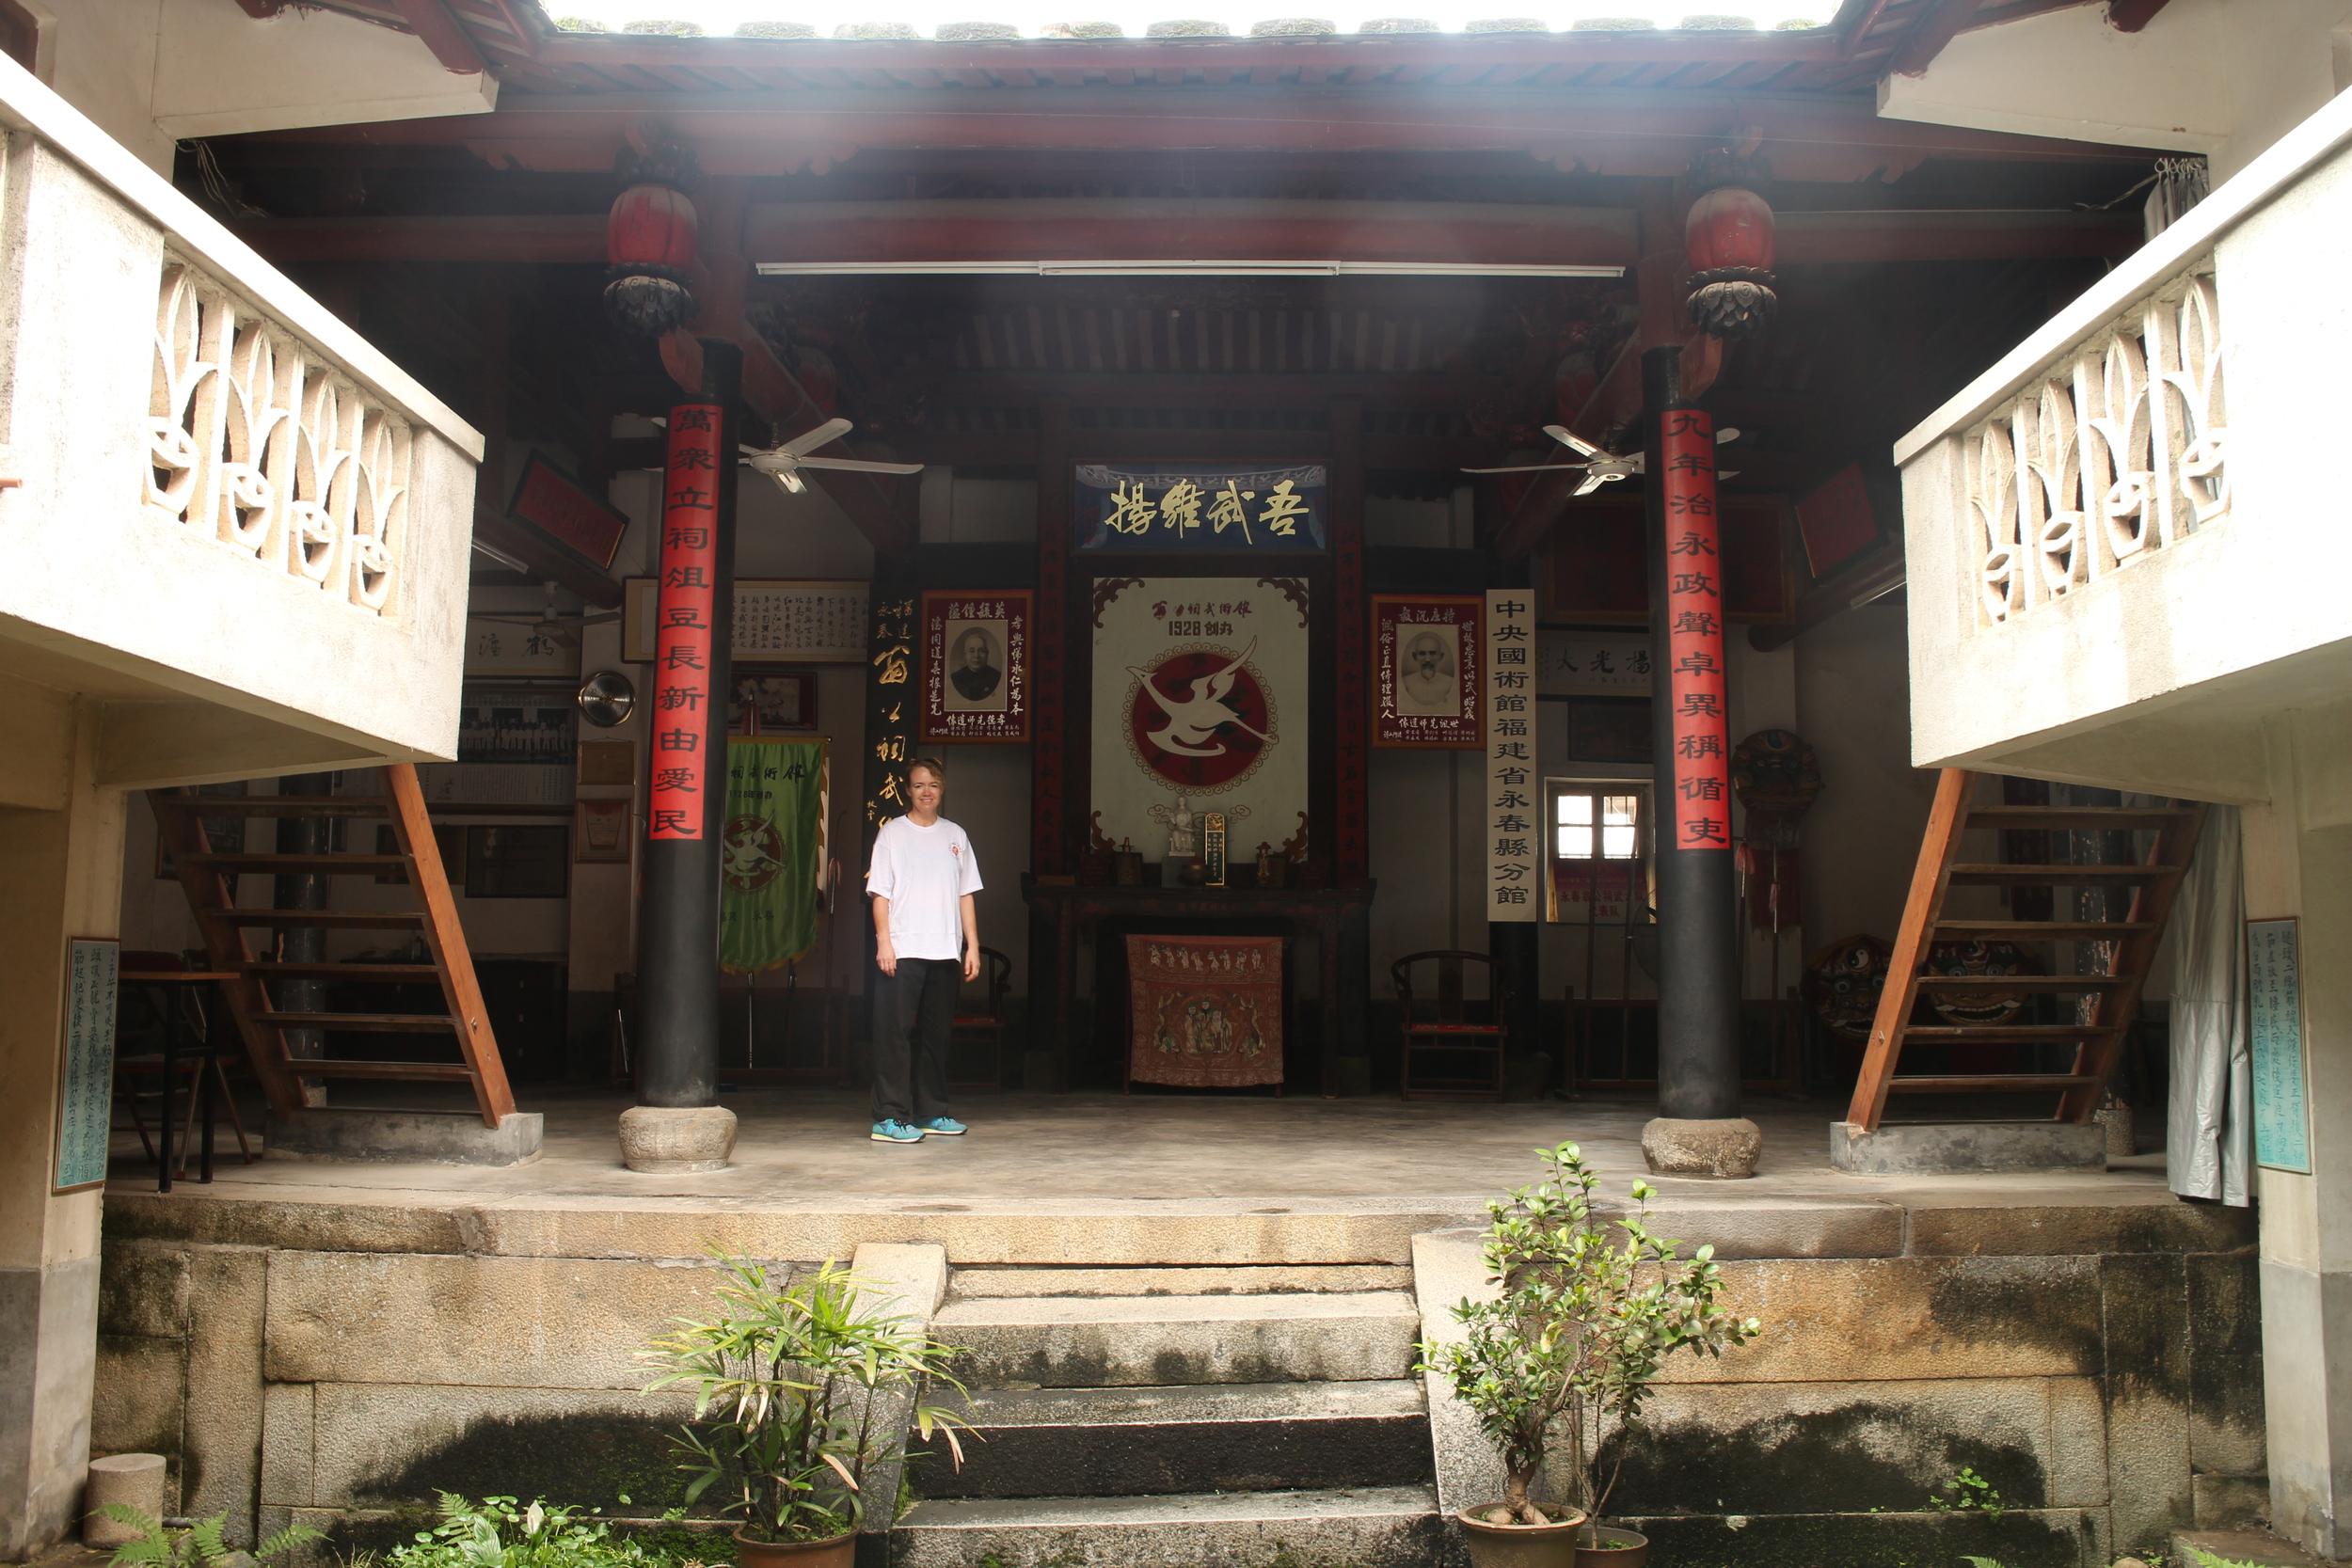 The Weng Gong Ci Martial Gym in Yong Chun